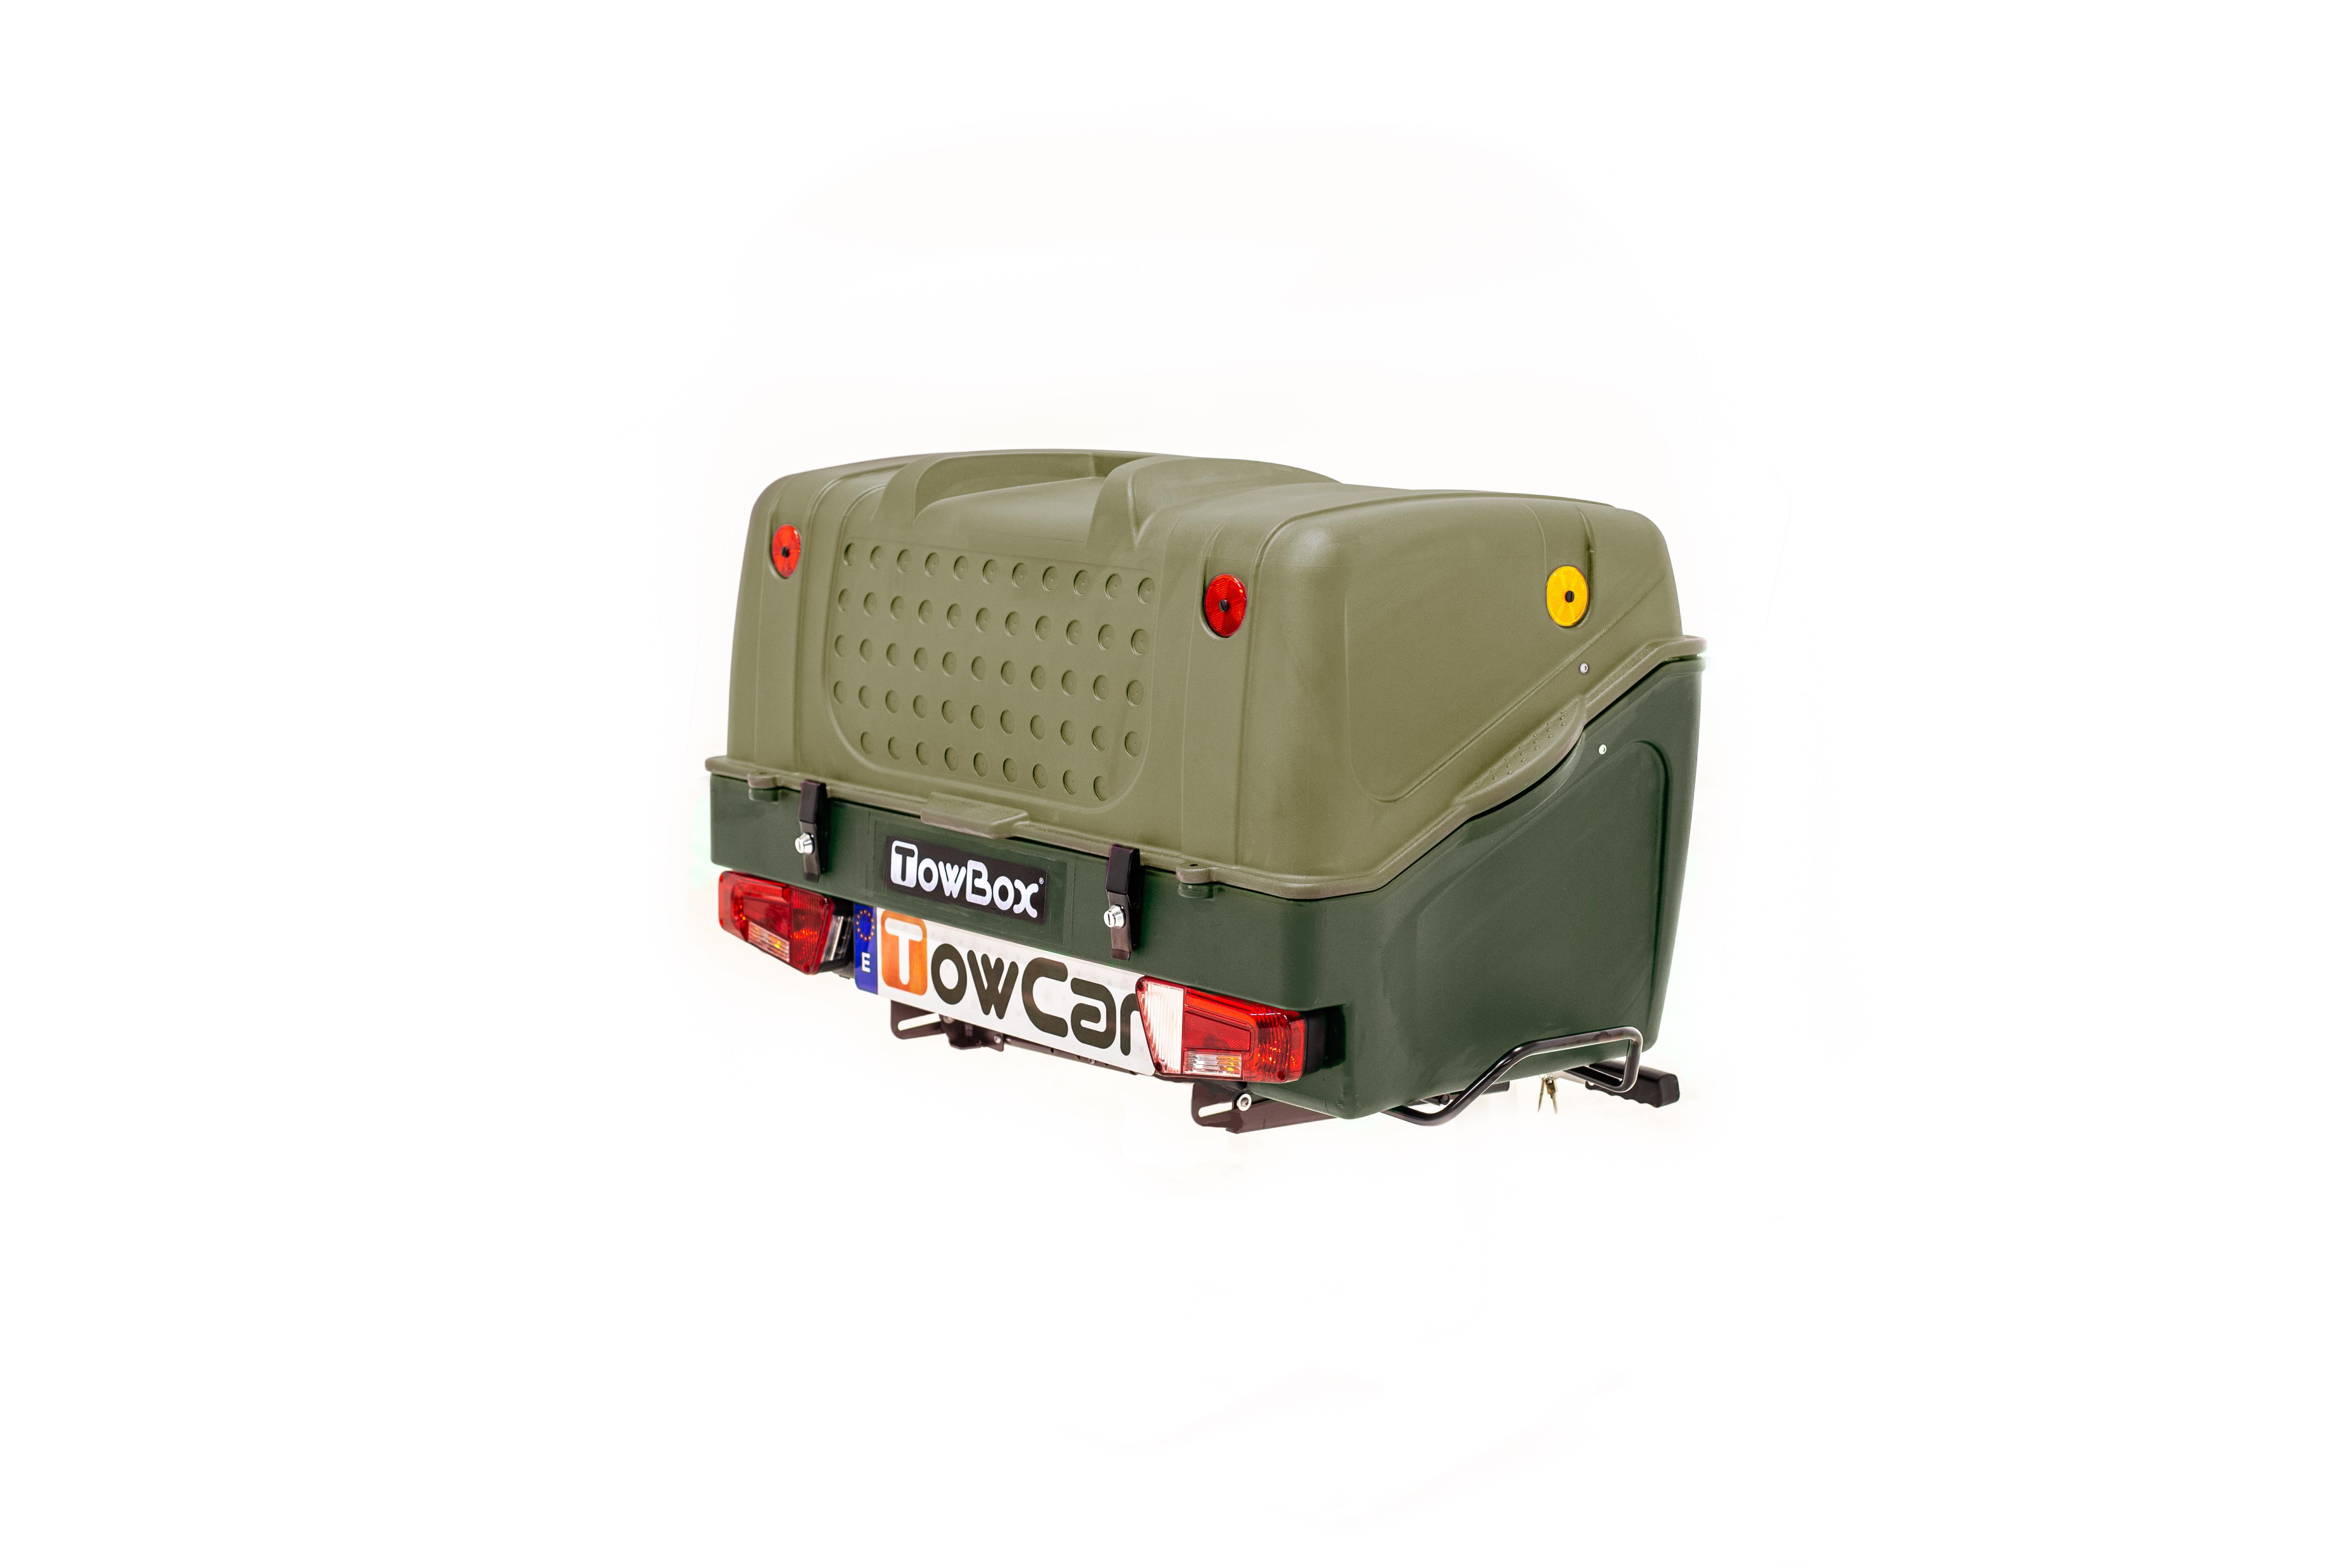 Towbox V1 Verde Towcar